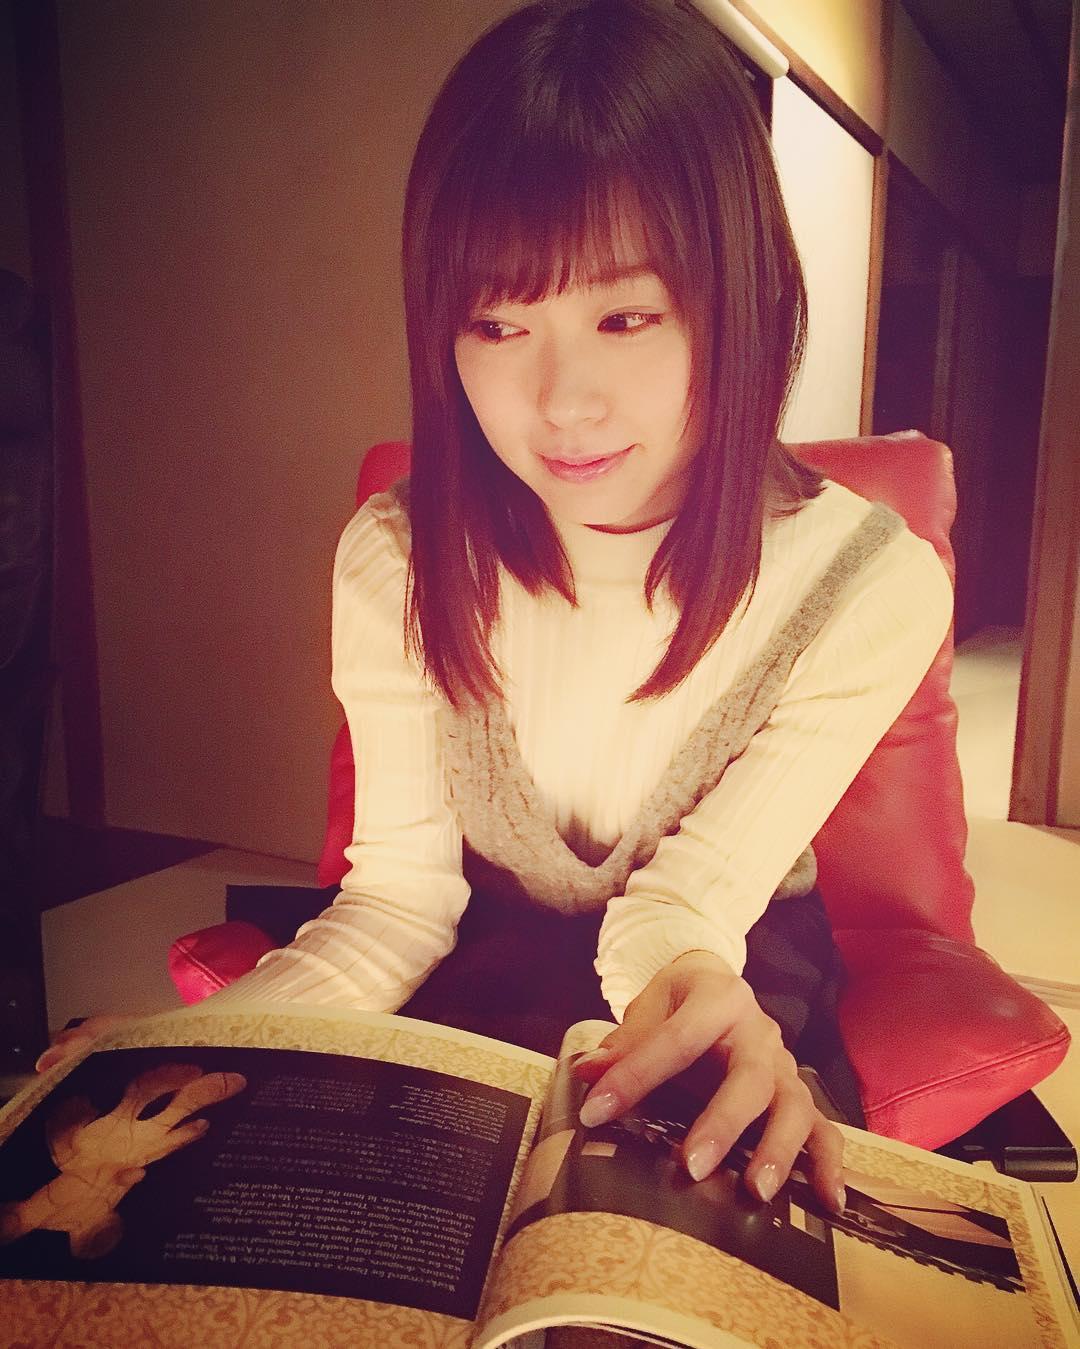 Watanabe Miyuki Instagram 2016 - AKB48 Photo (39513030) - Fanpop